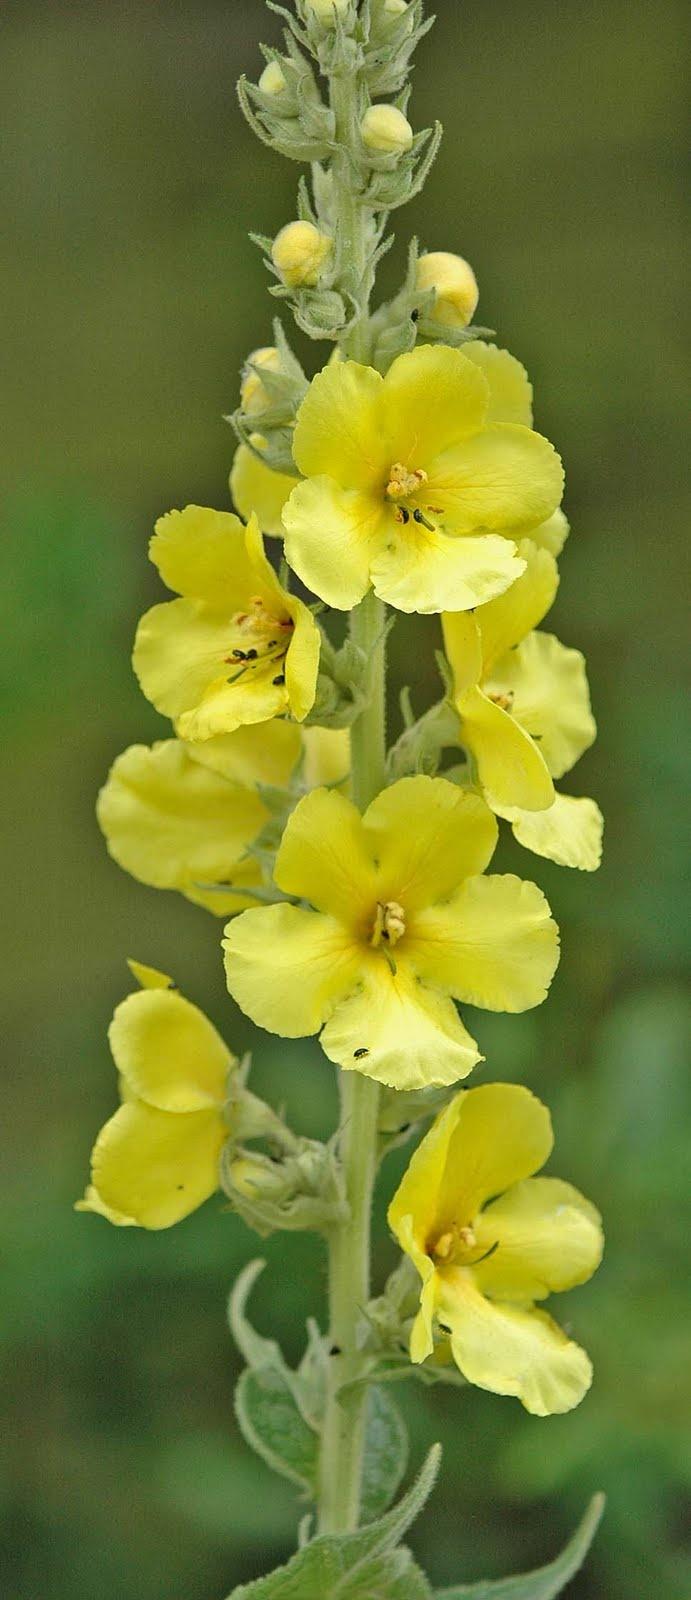 Mejores 111 imágenes de Plantas, flores, jardines en Pinterest ...